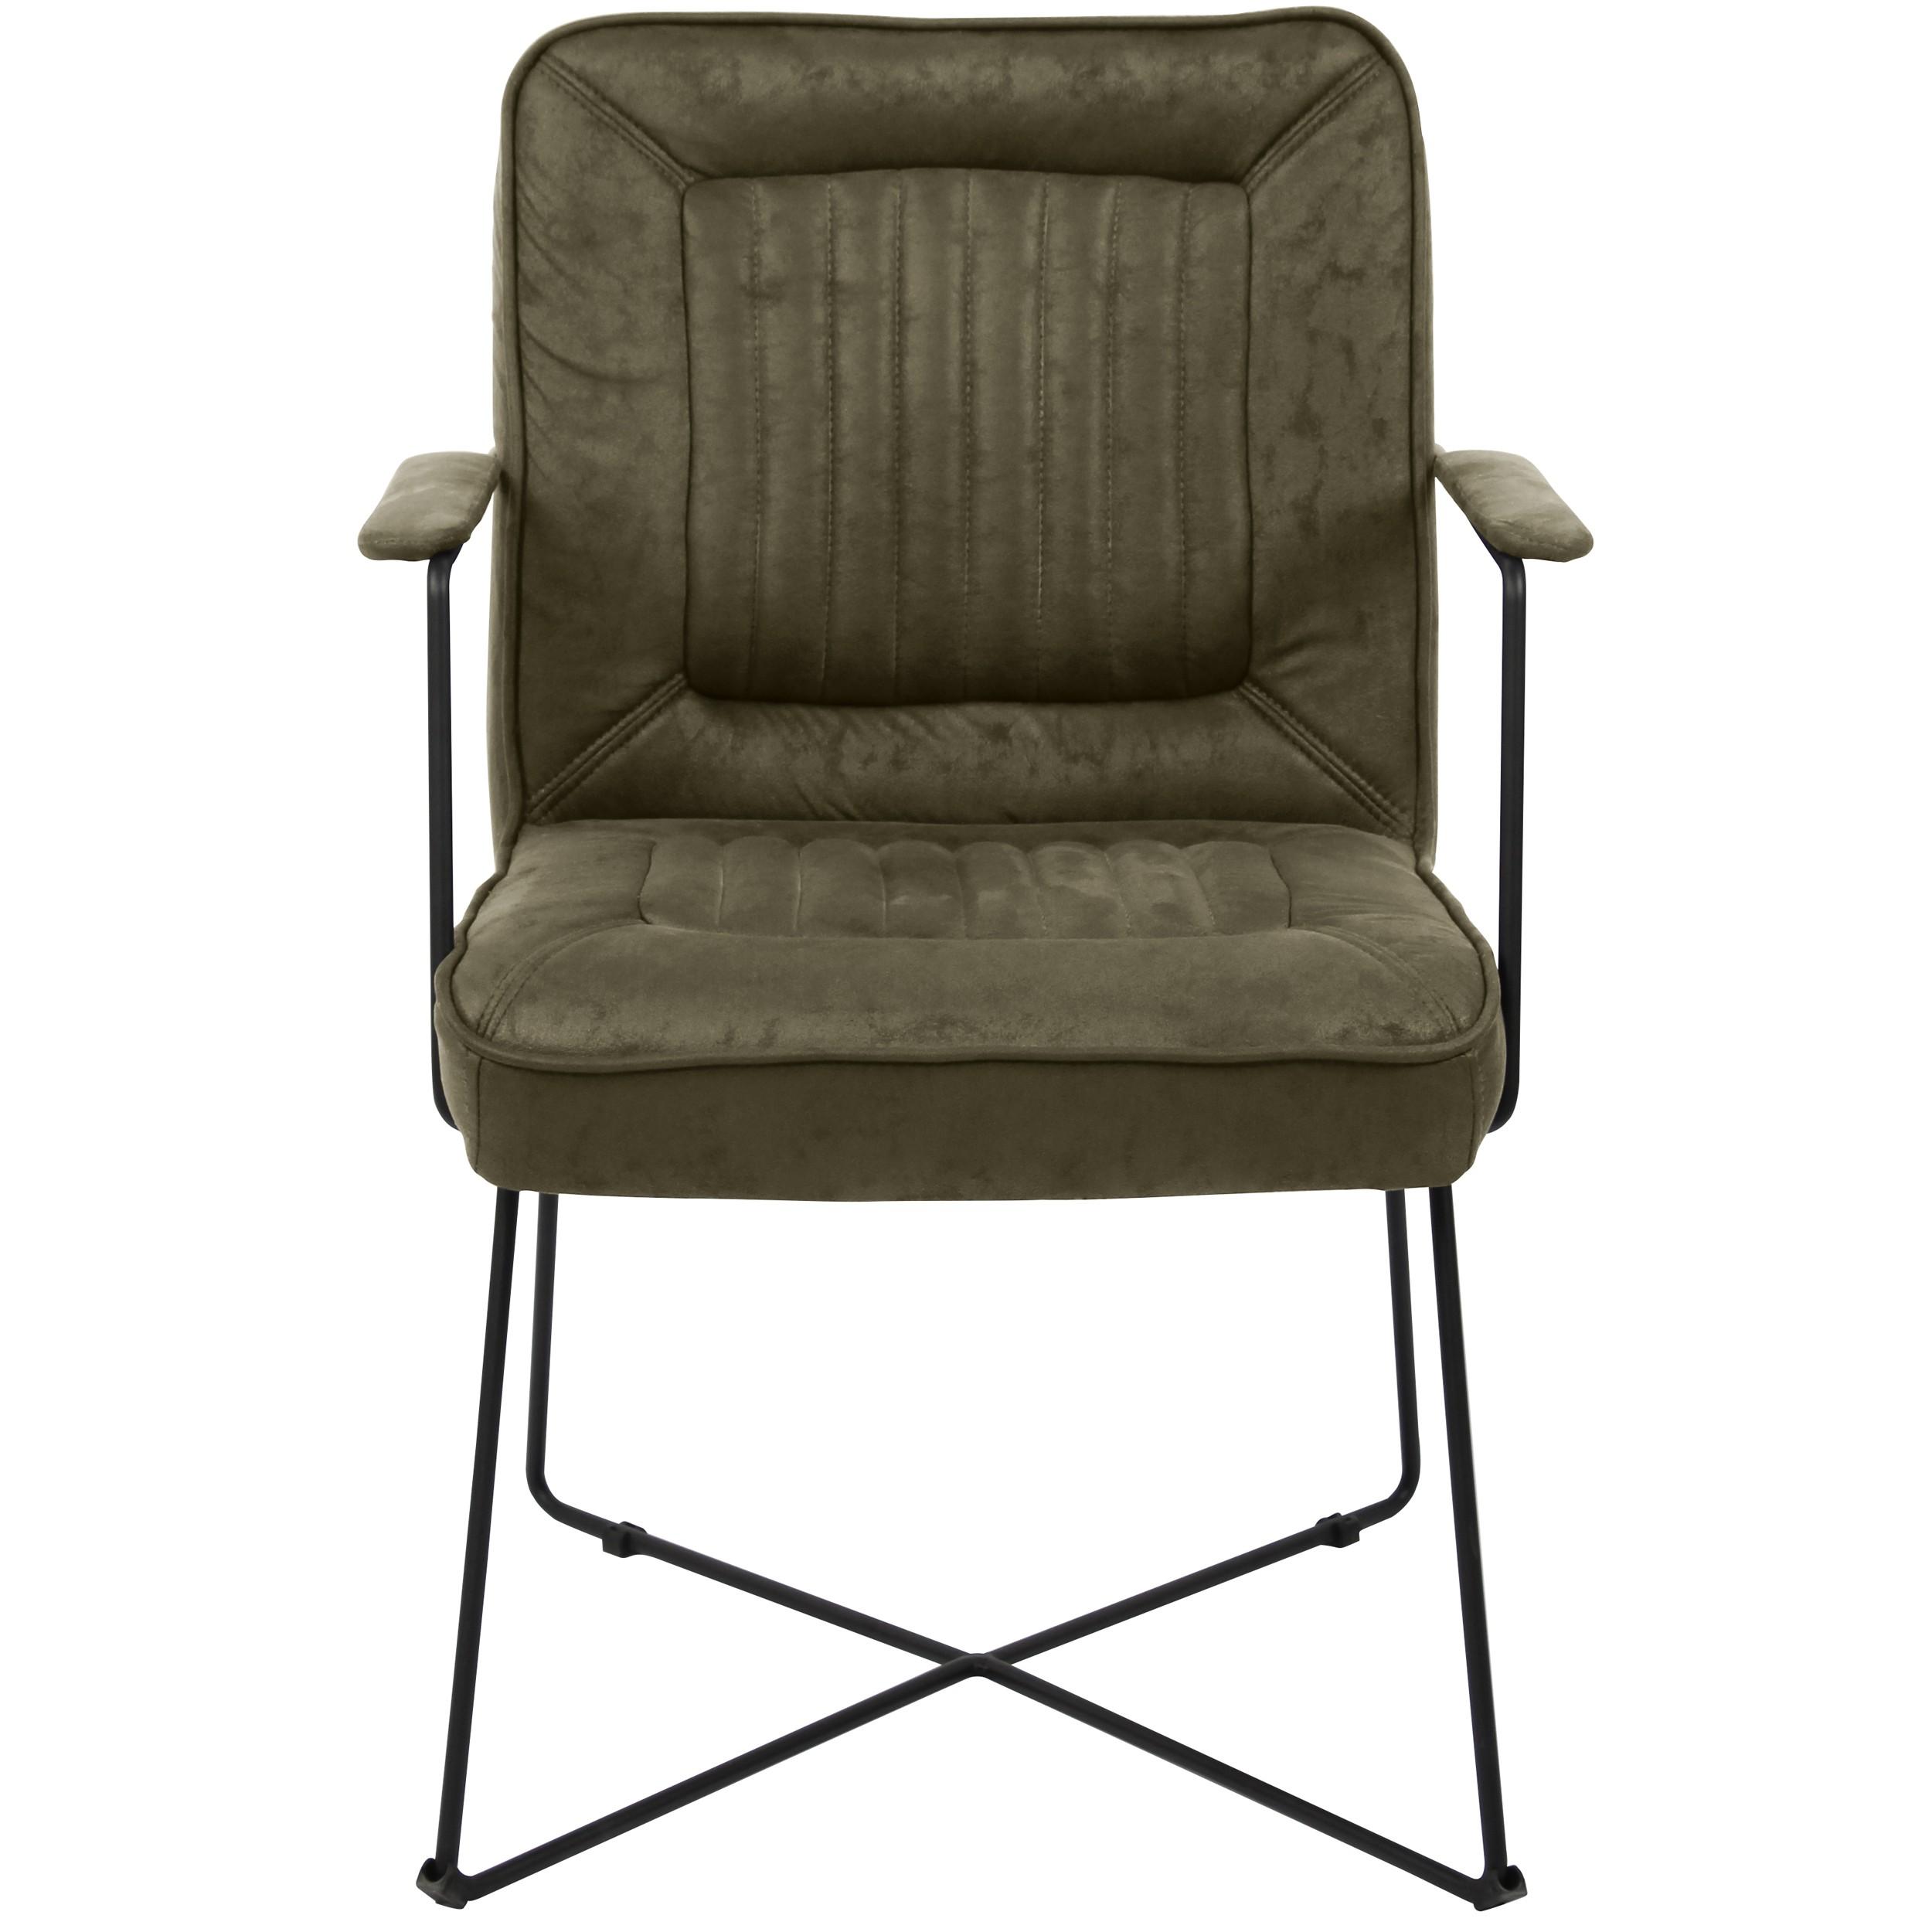 fauteuil confortable cool fauteuil confort fibre de. Black Bedroom Furniture Sets. Home Design Ideas